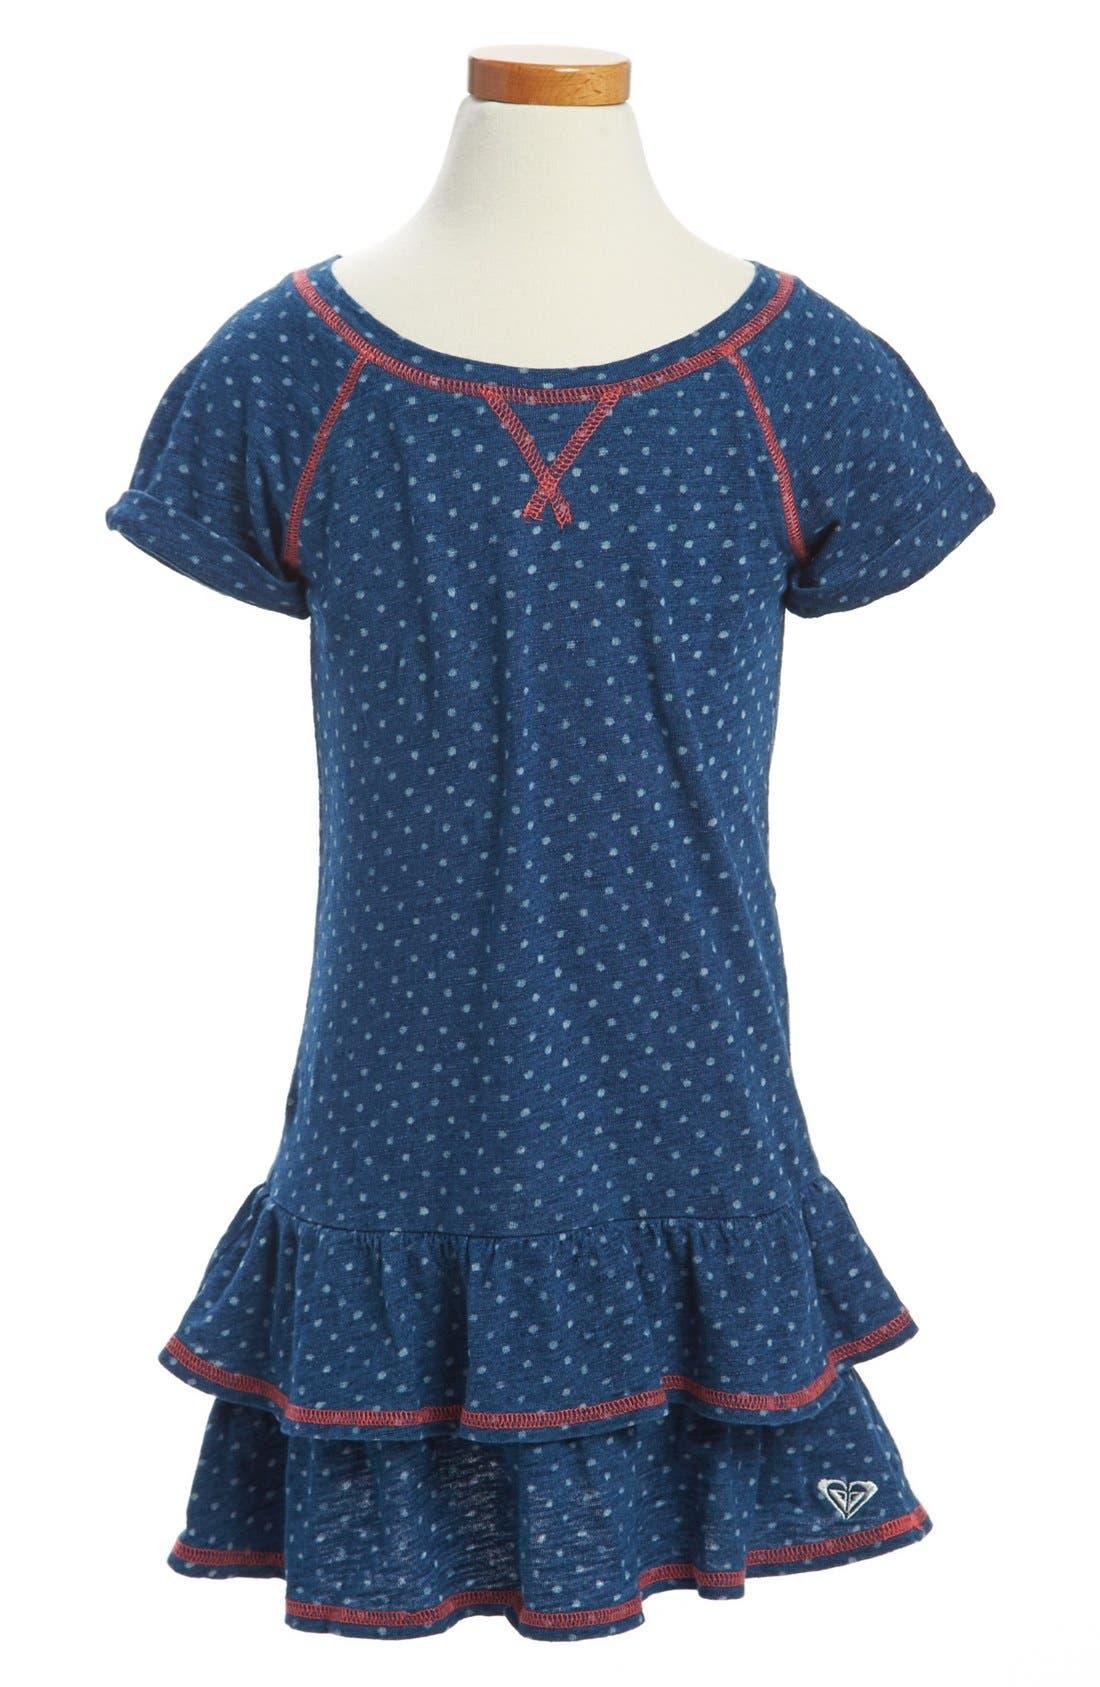 Main Image - Roxy 'Fall Limit' Dress (Toddler Girls)